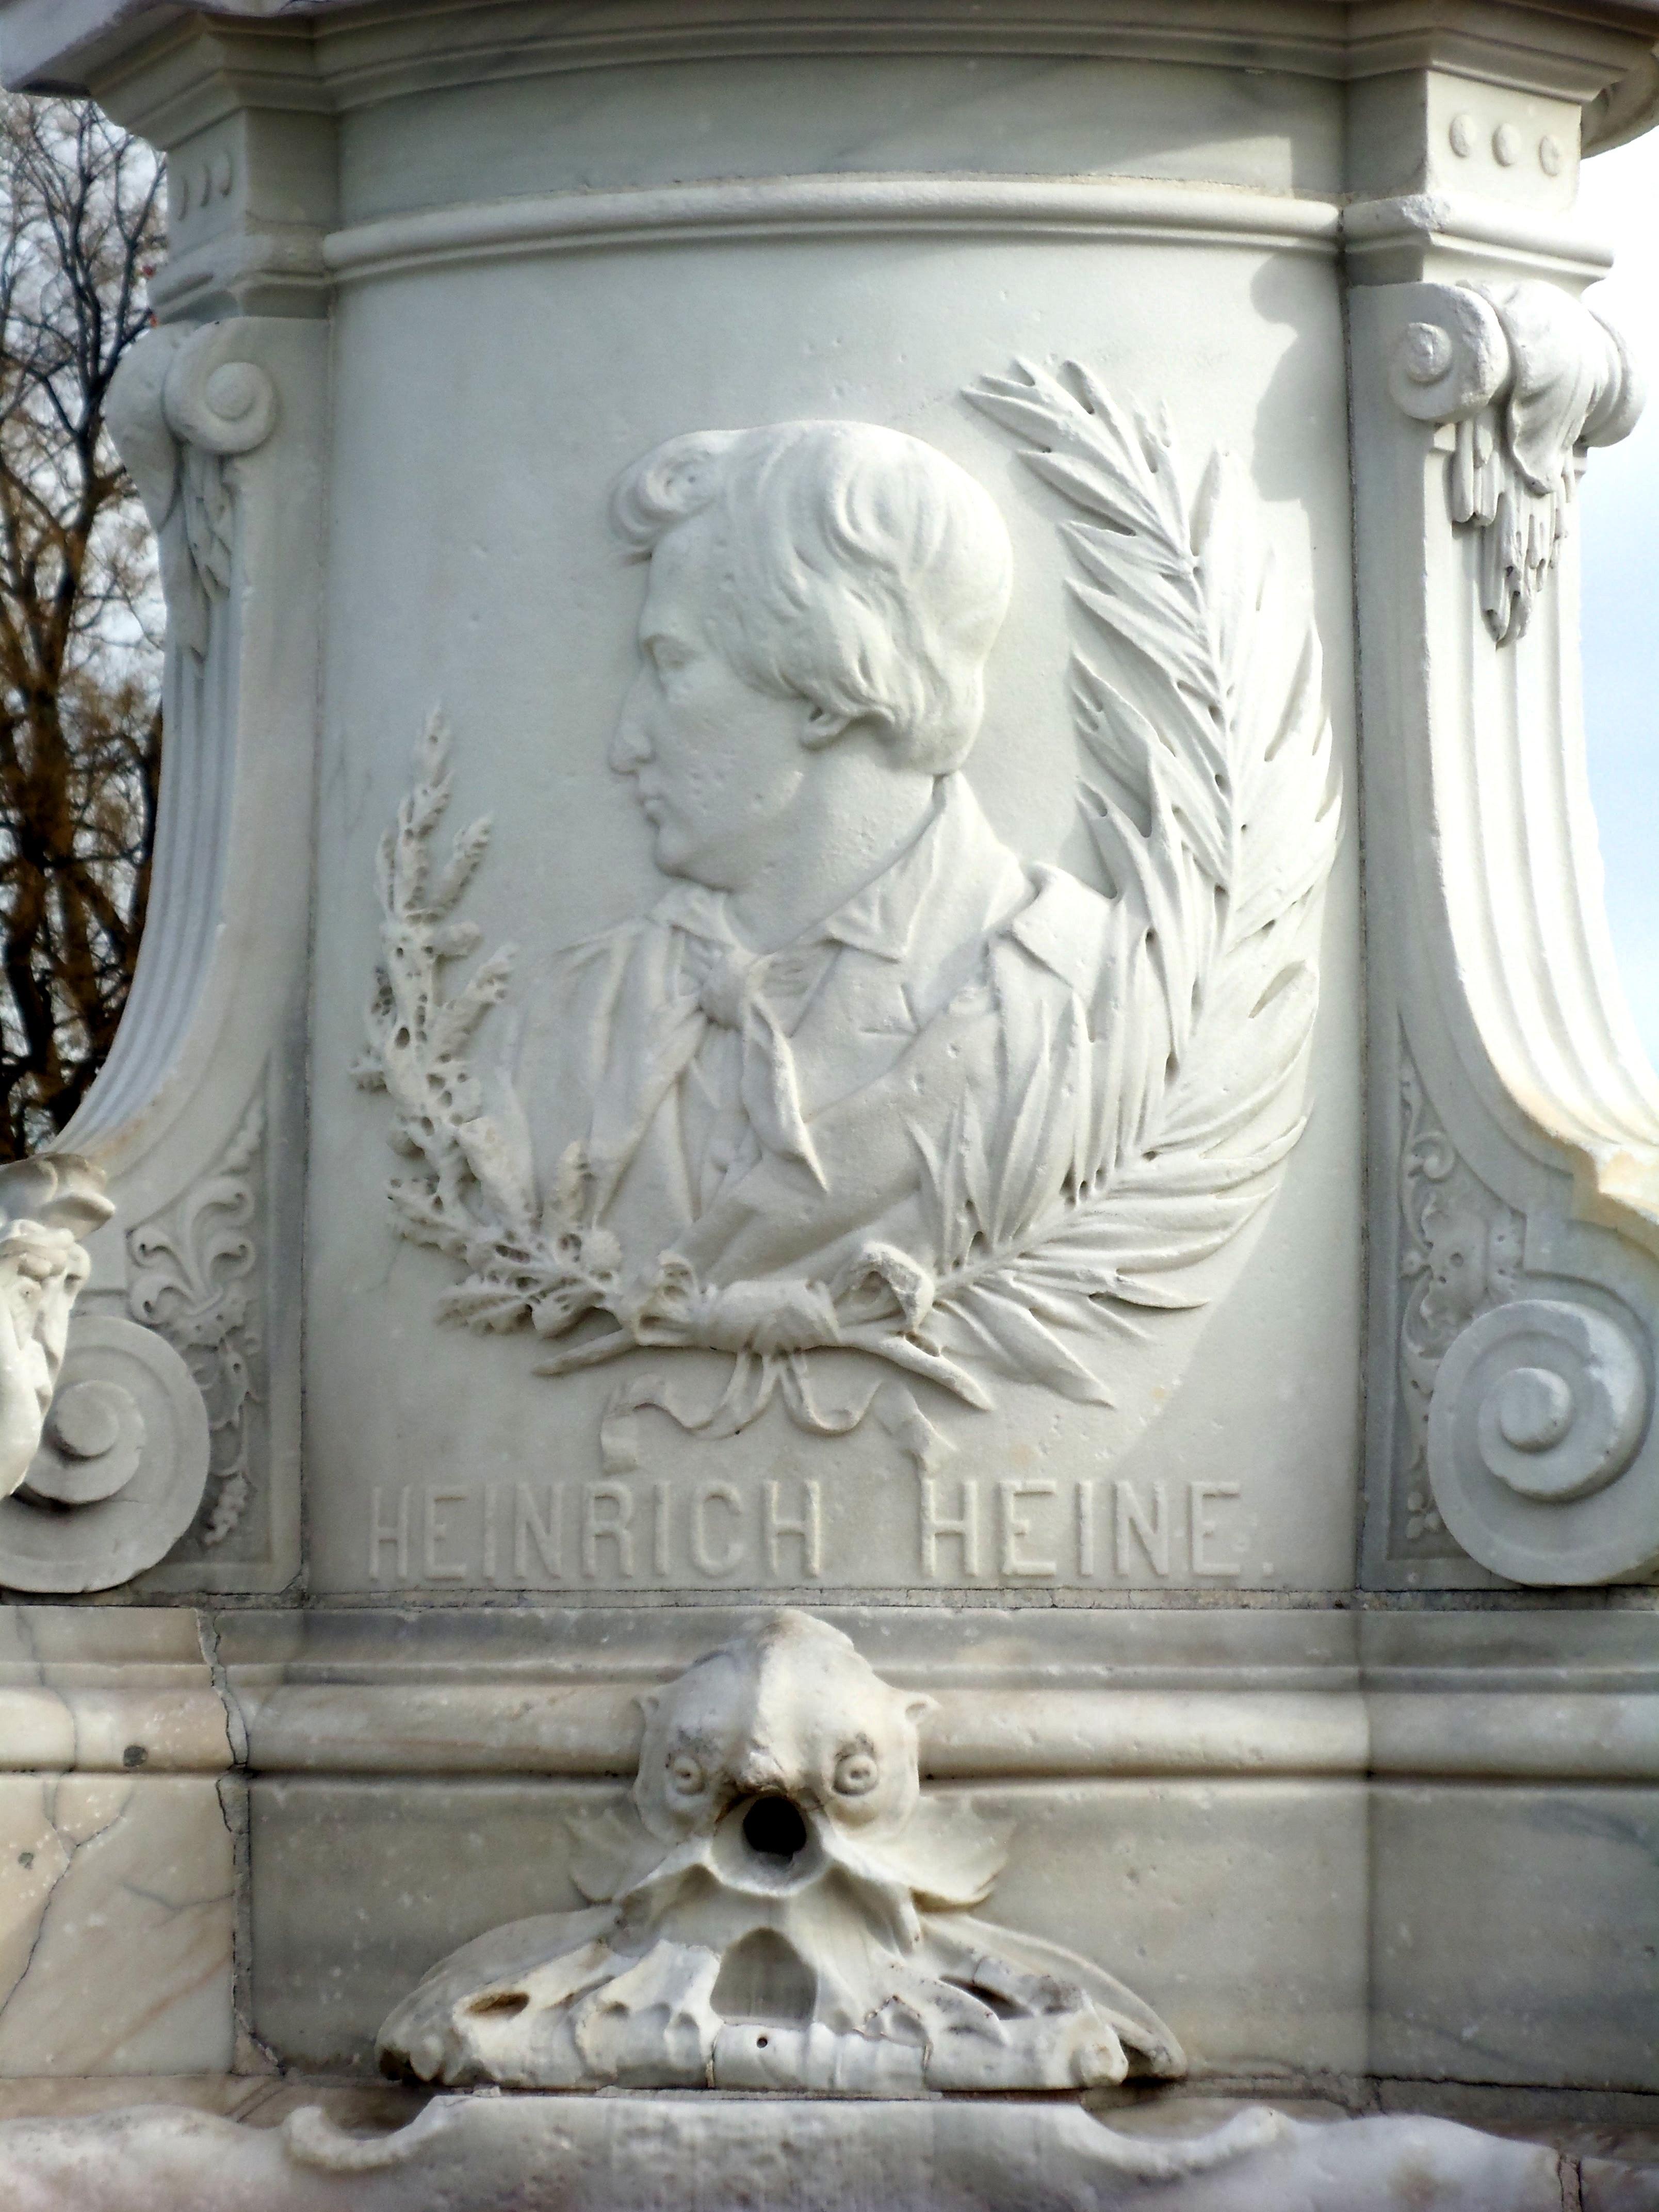 Heinrich Heine detail on Lorelei statue